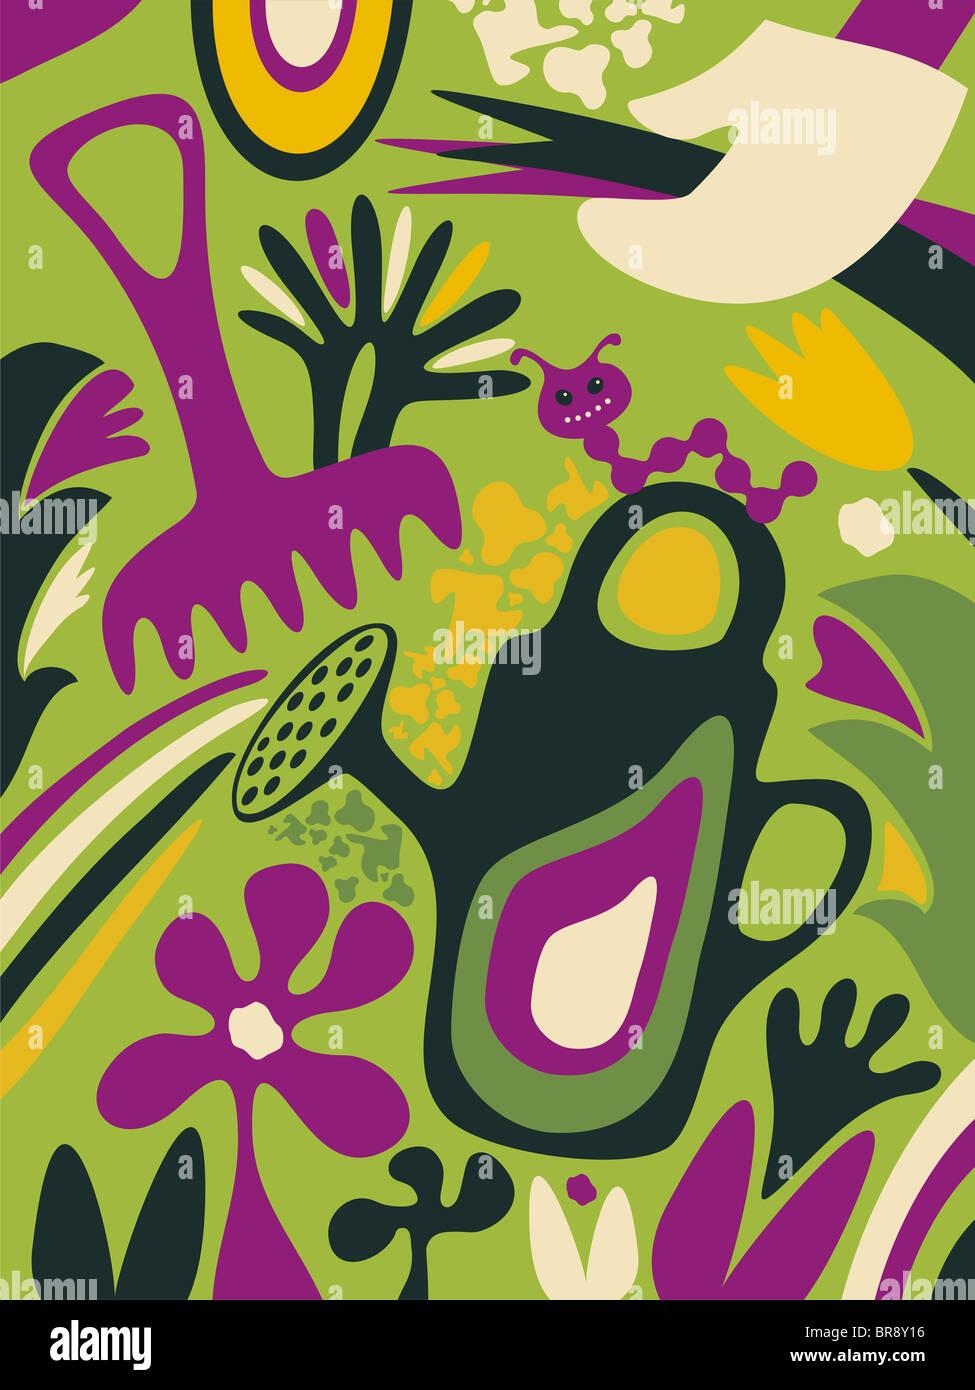 Una caprichosa ilustración acerca de jardinería Imagen De Stock